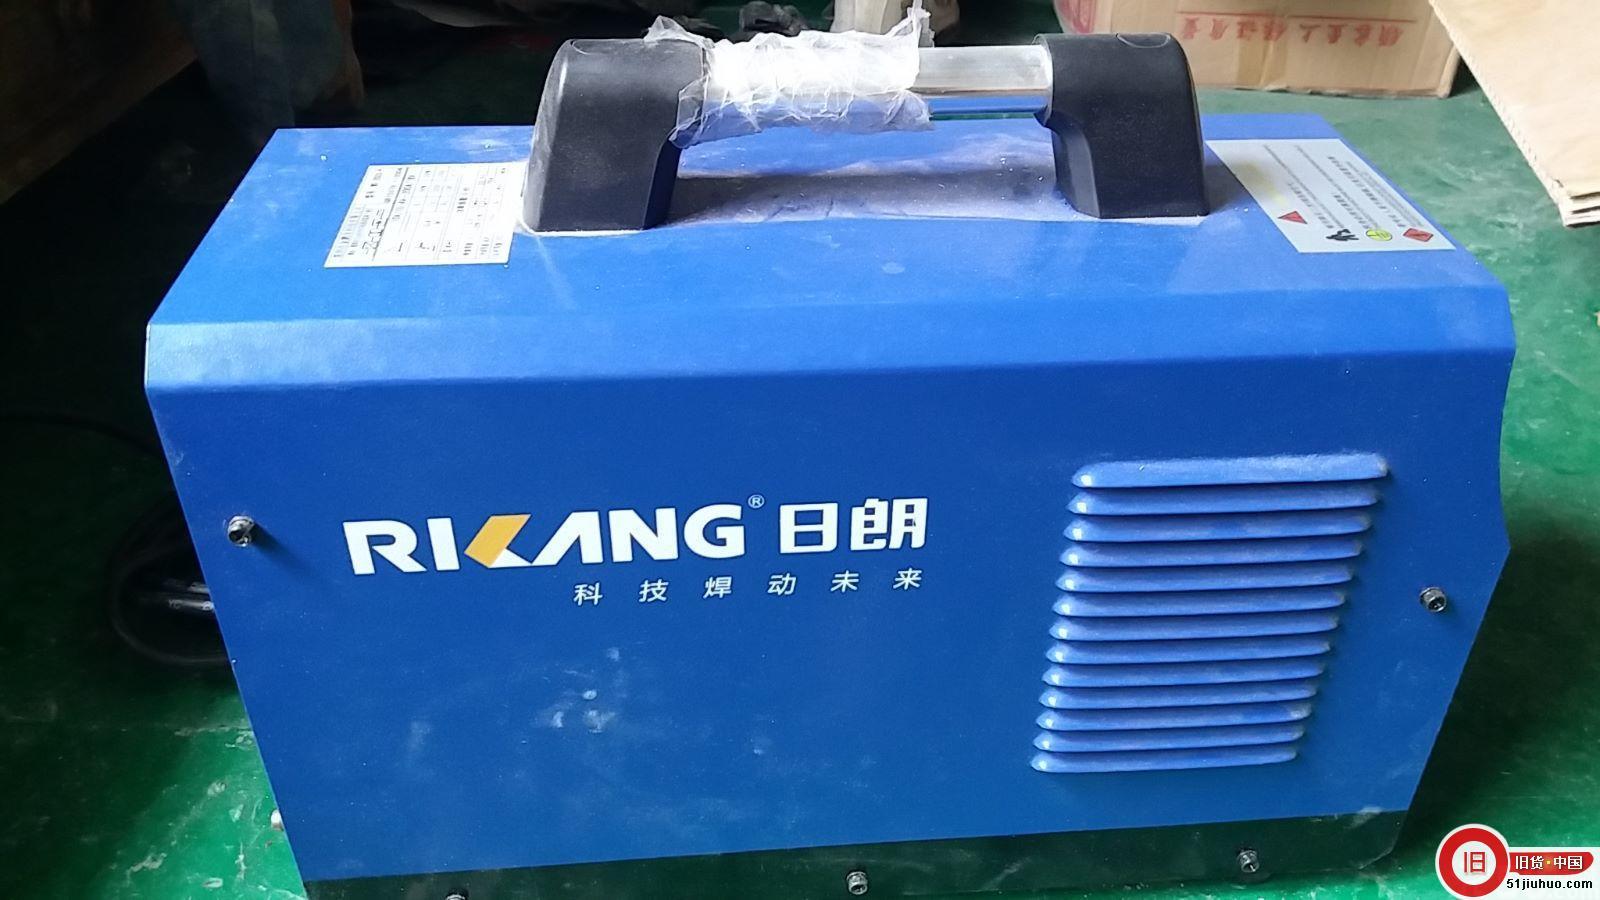 全新亚弧焊逆变电焊机处理-尽在51旧货网